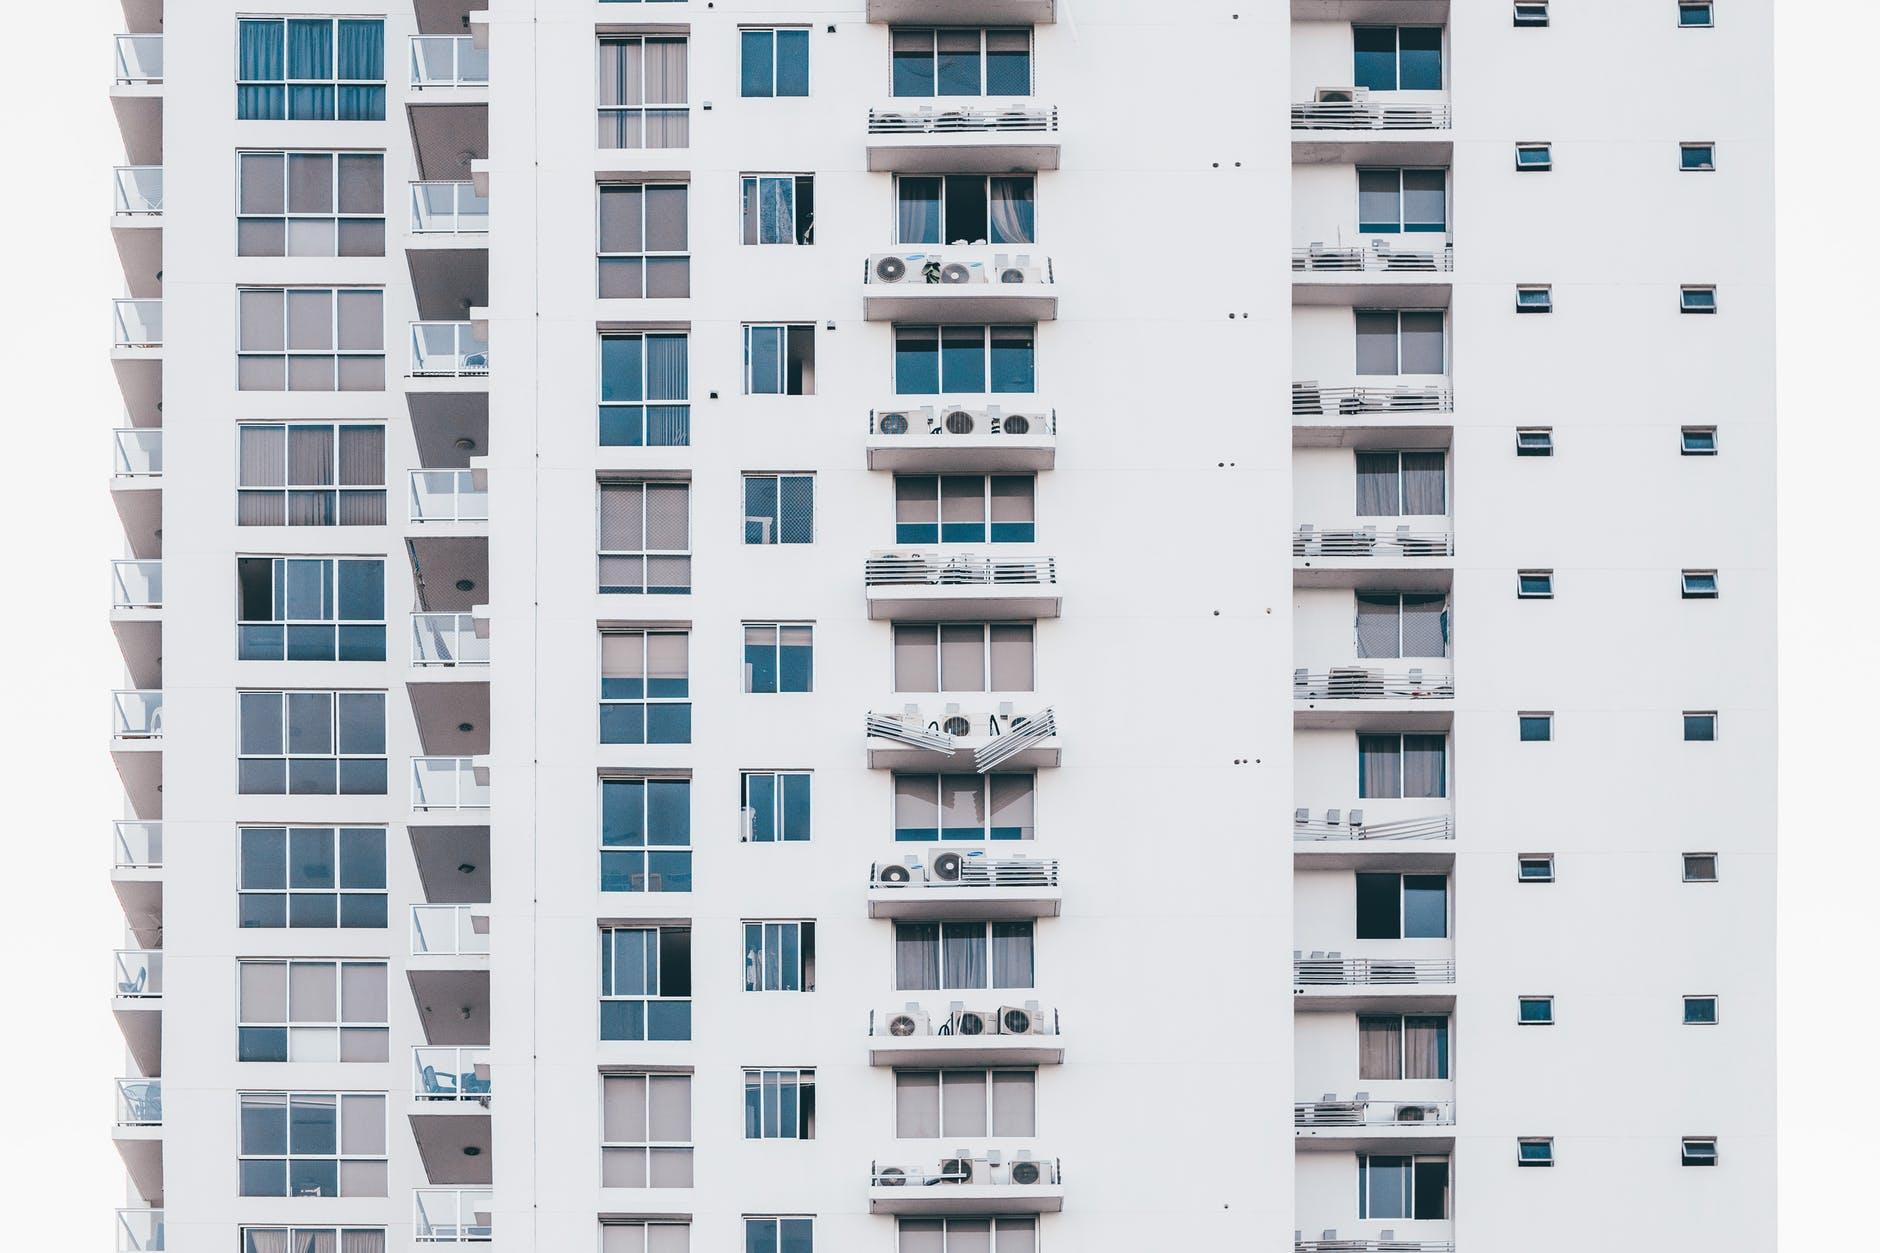 Harga Jual Apartemen di Jakarta Rata-rata Rp 34,2 Juta Per Meter Persegi